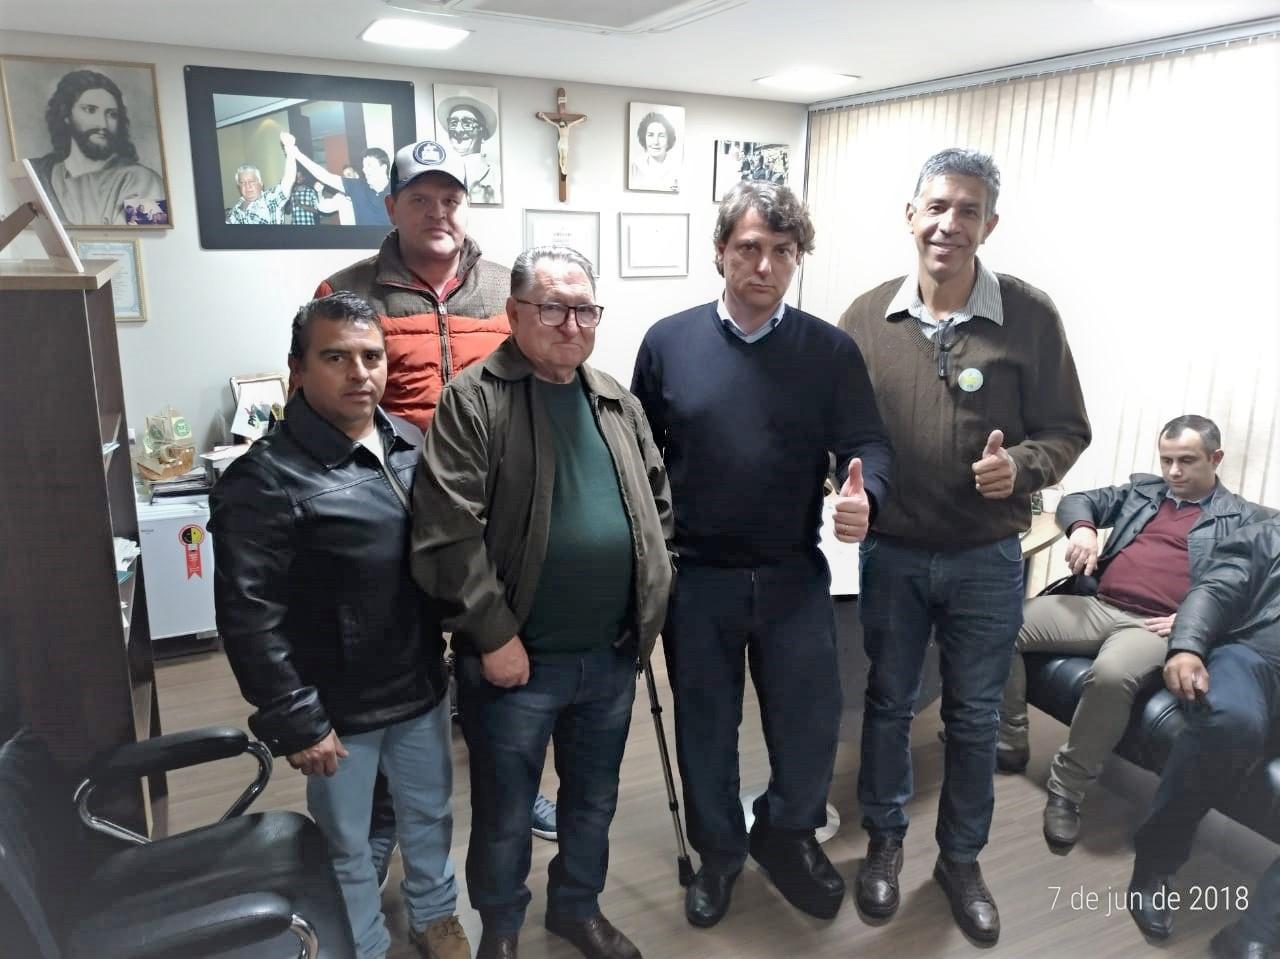 Visita dos amigos de Cerro Azul